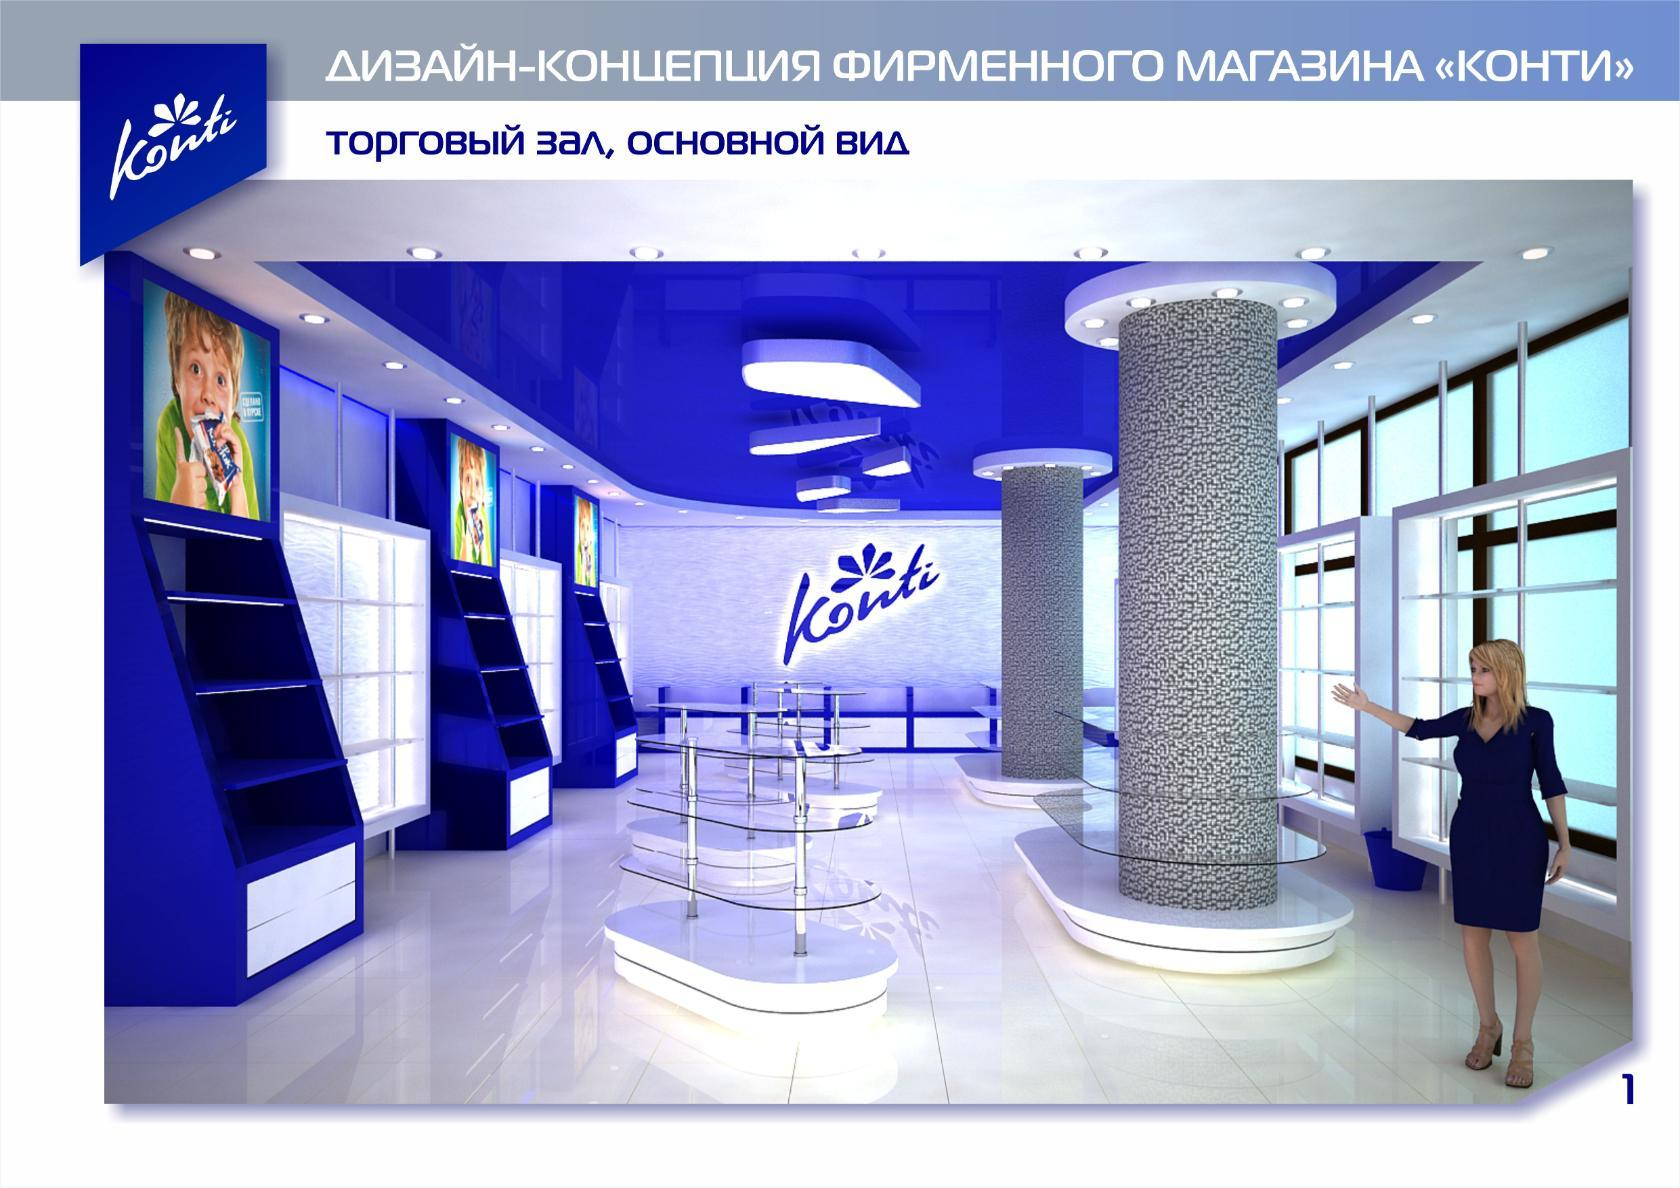 Концептуальный дизайн шоу-рума мебельного магазина фото f_4745a75594d03589.jpg